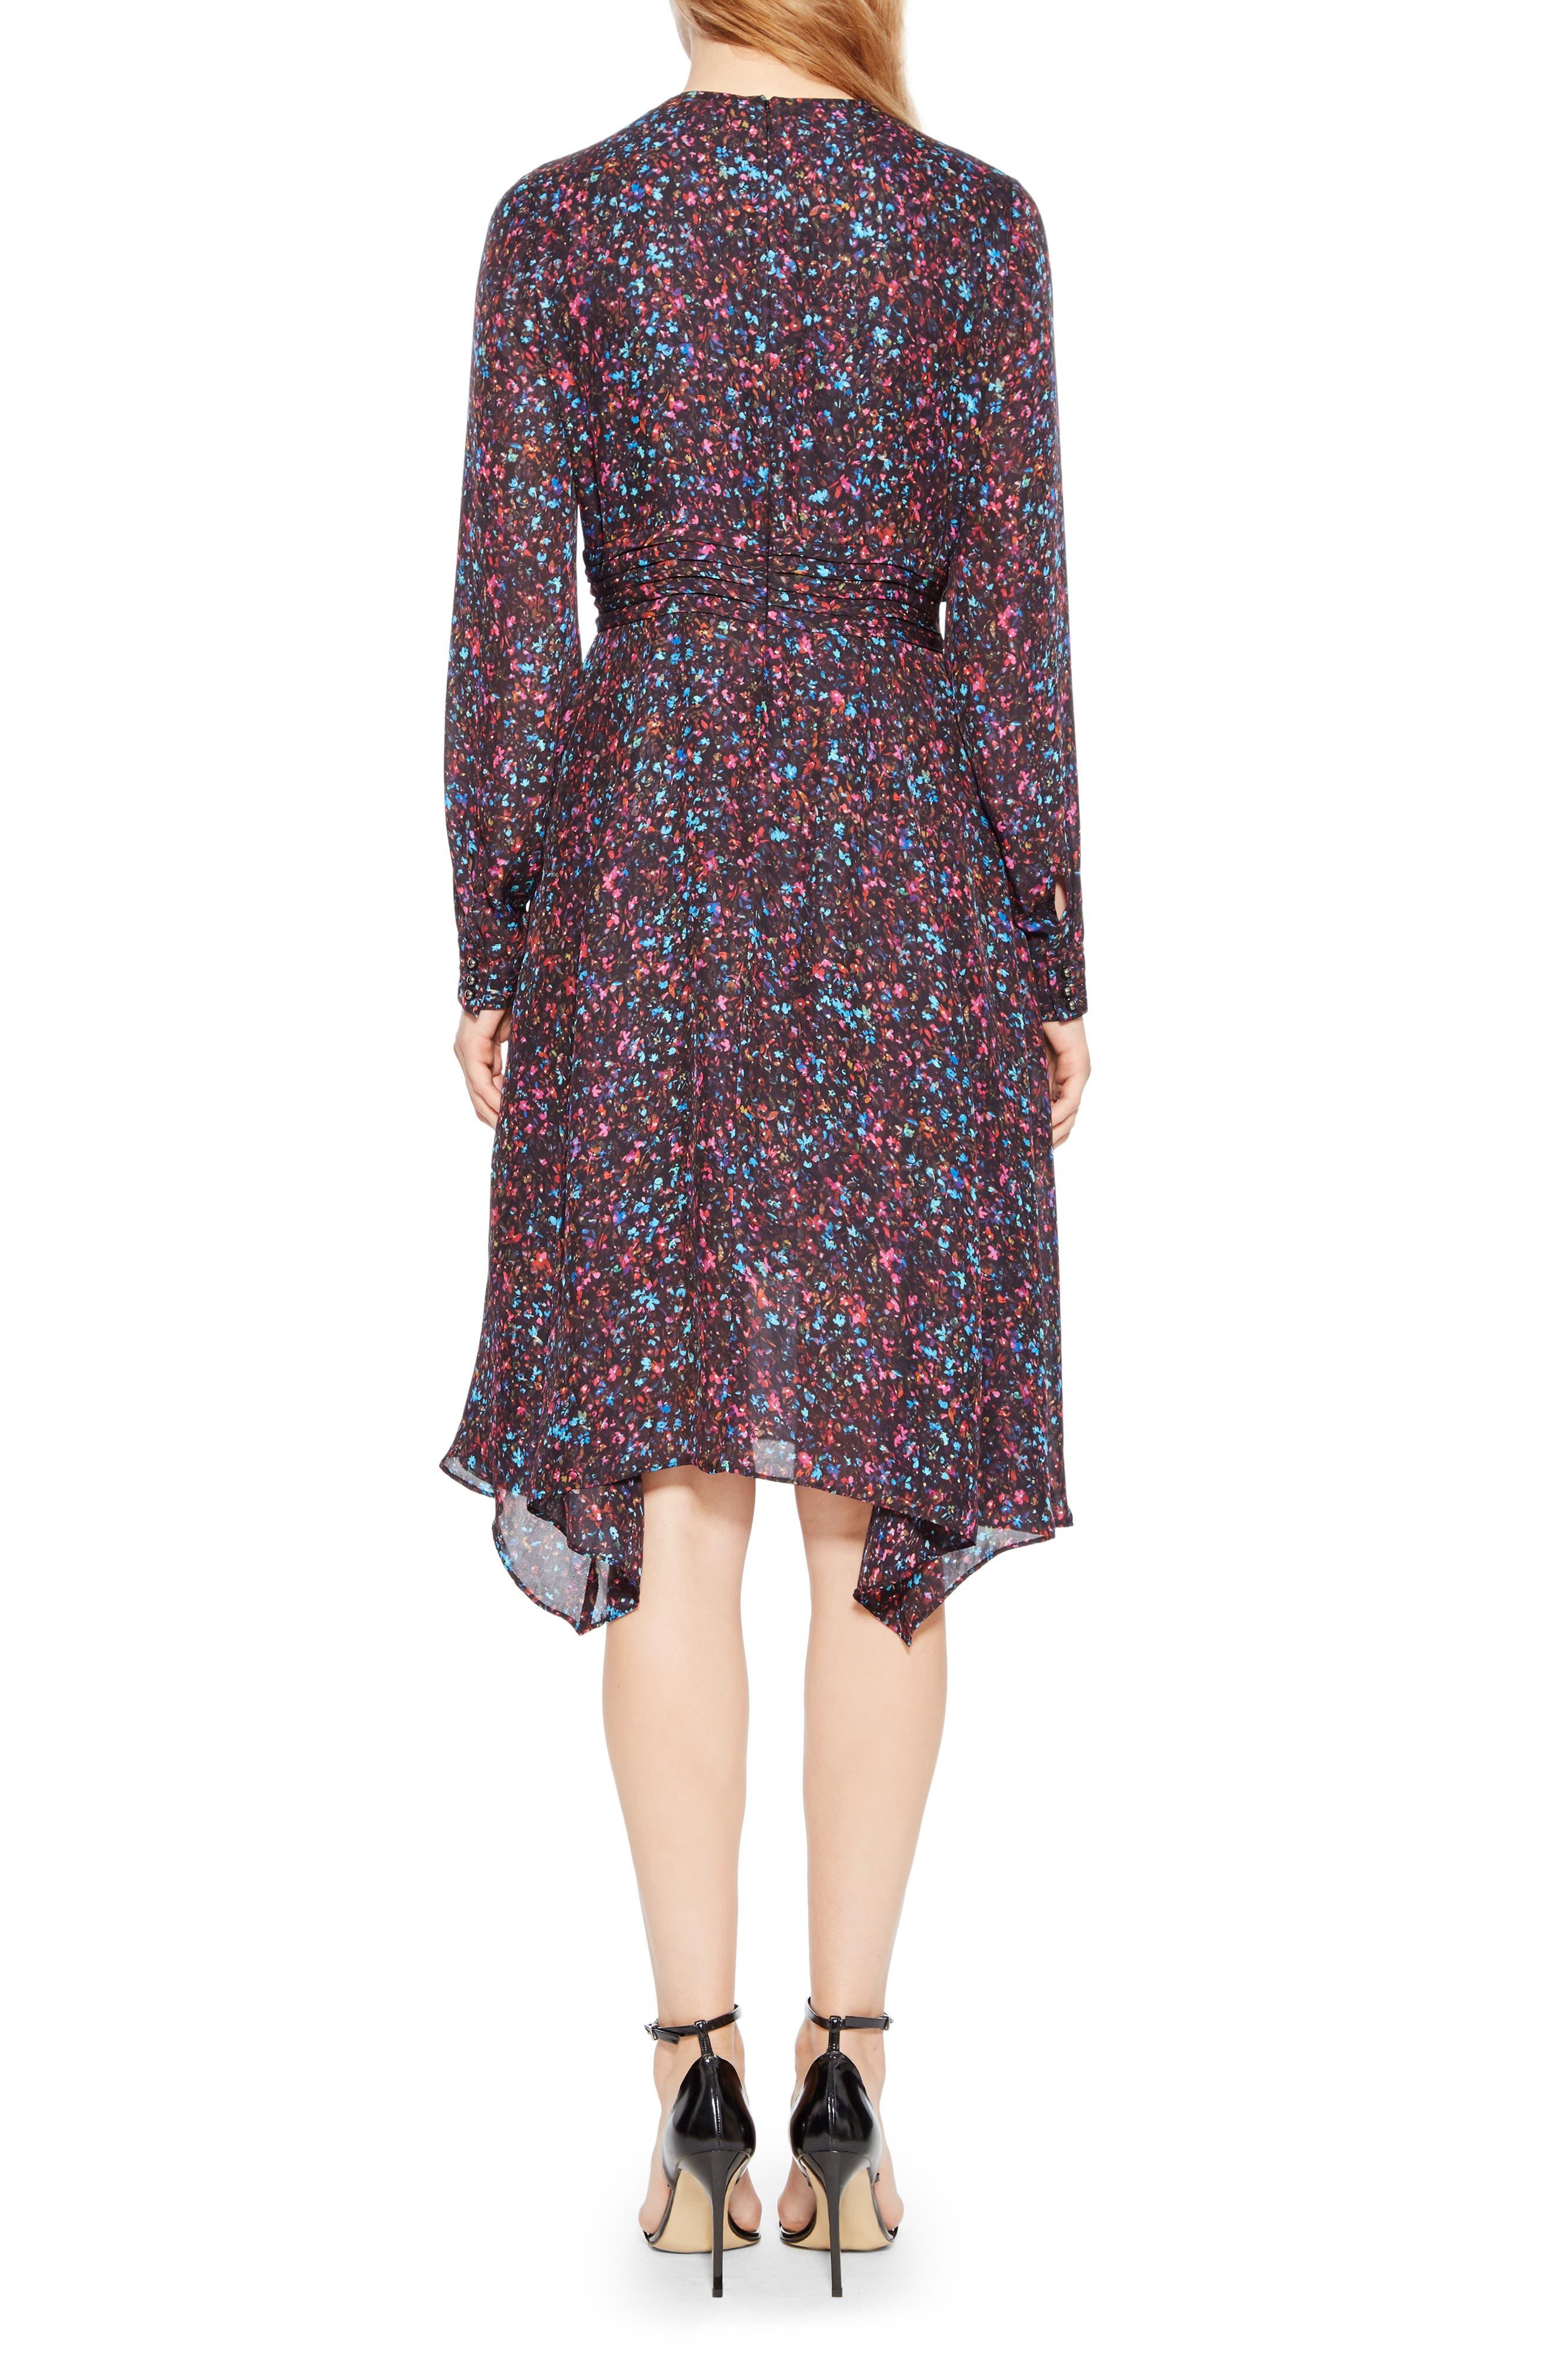 Evanna Floral Print Midi Dress,                             Alternate thumbnail 2, color,                             MINI DITSY